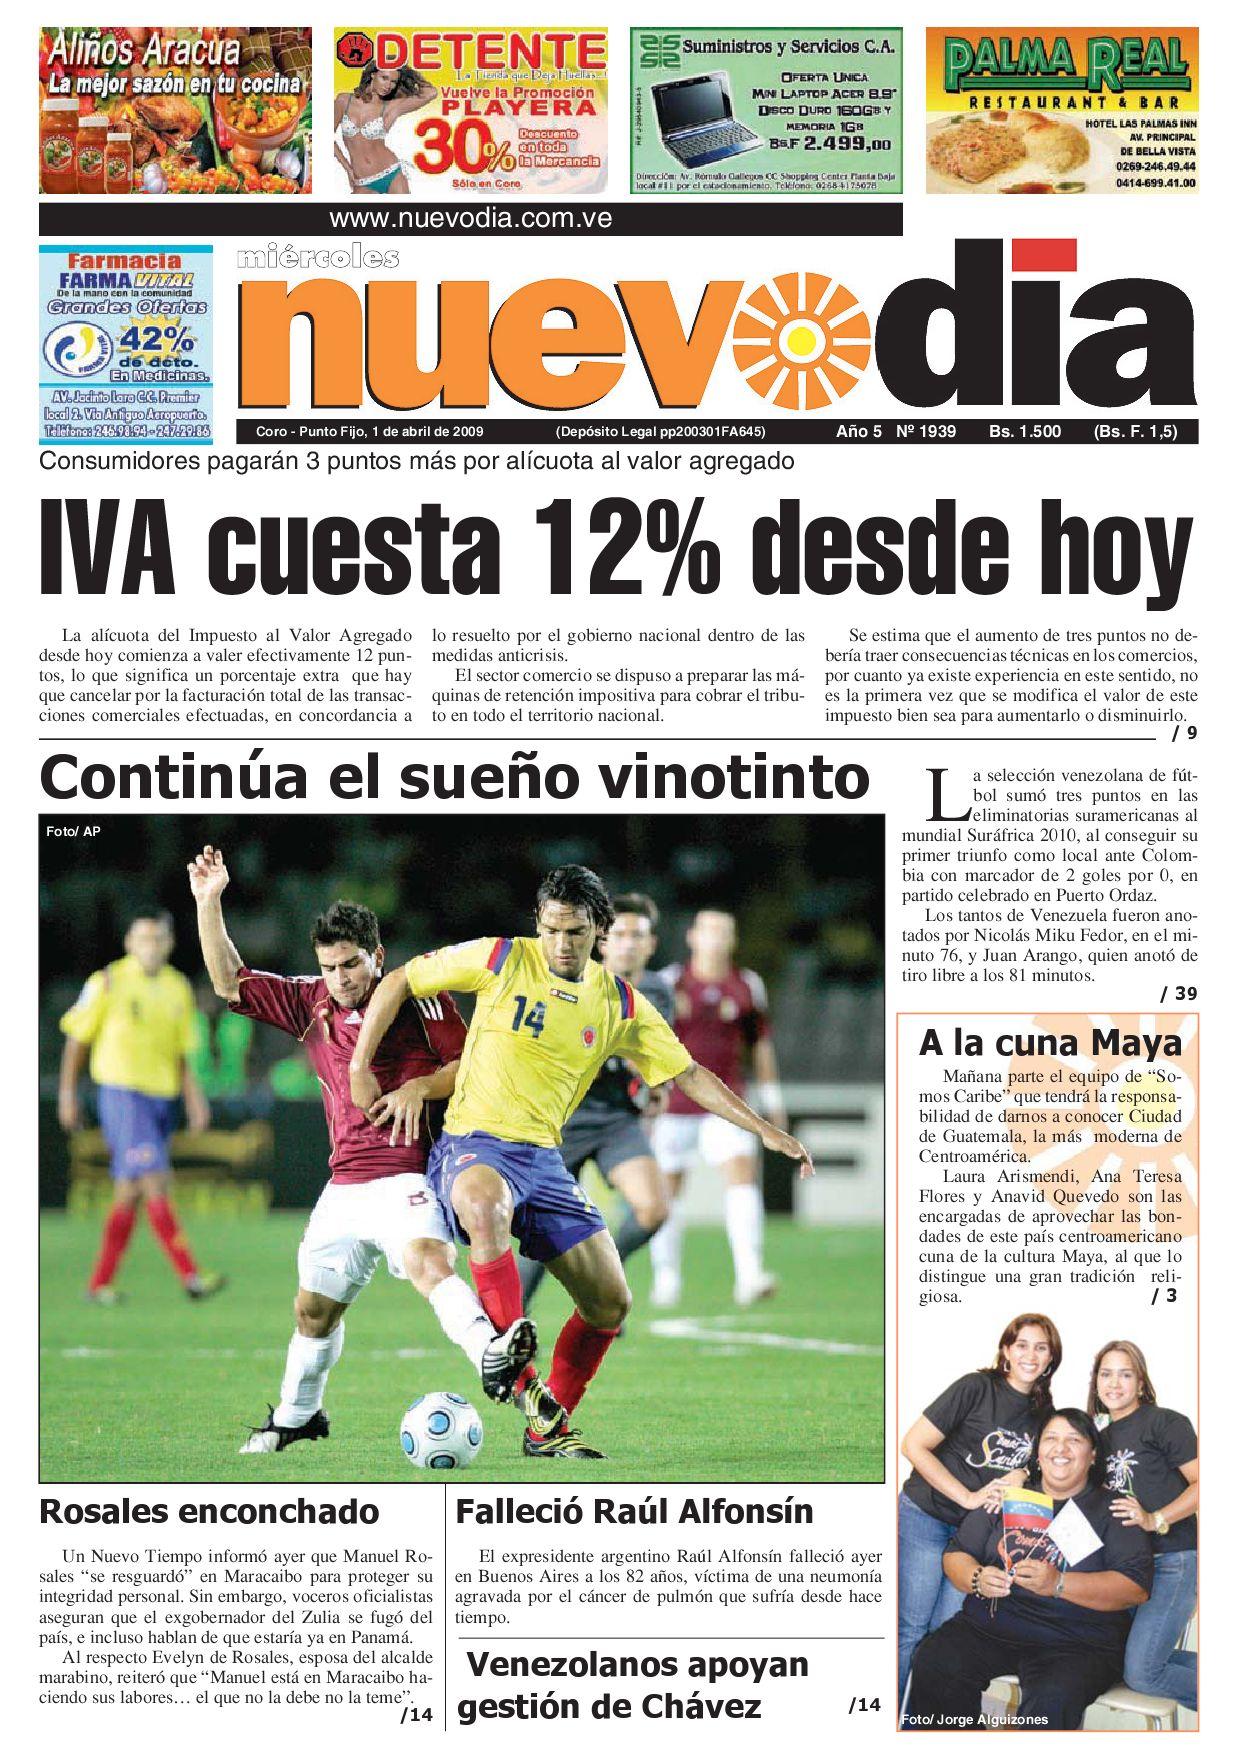 7c6cc29c3a Diario Nuevodia Miércoles 01-04-2009 by Diario Nuevo Día - issuu